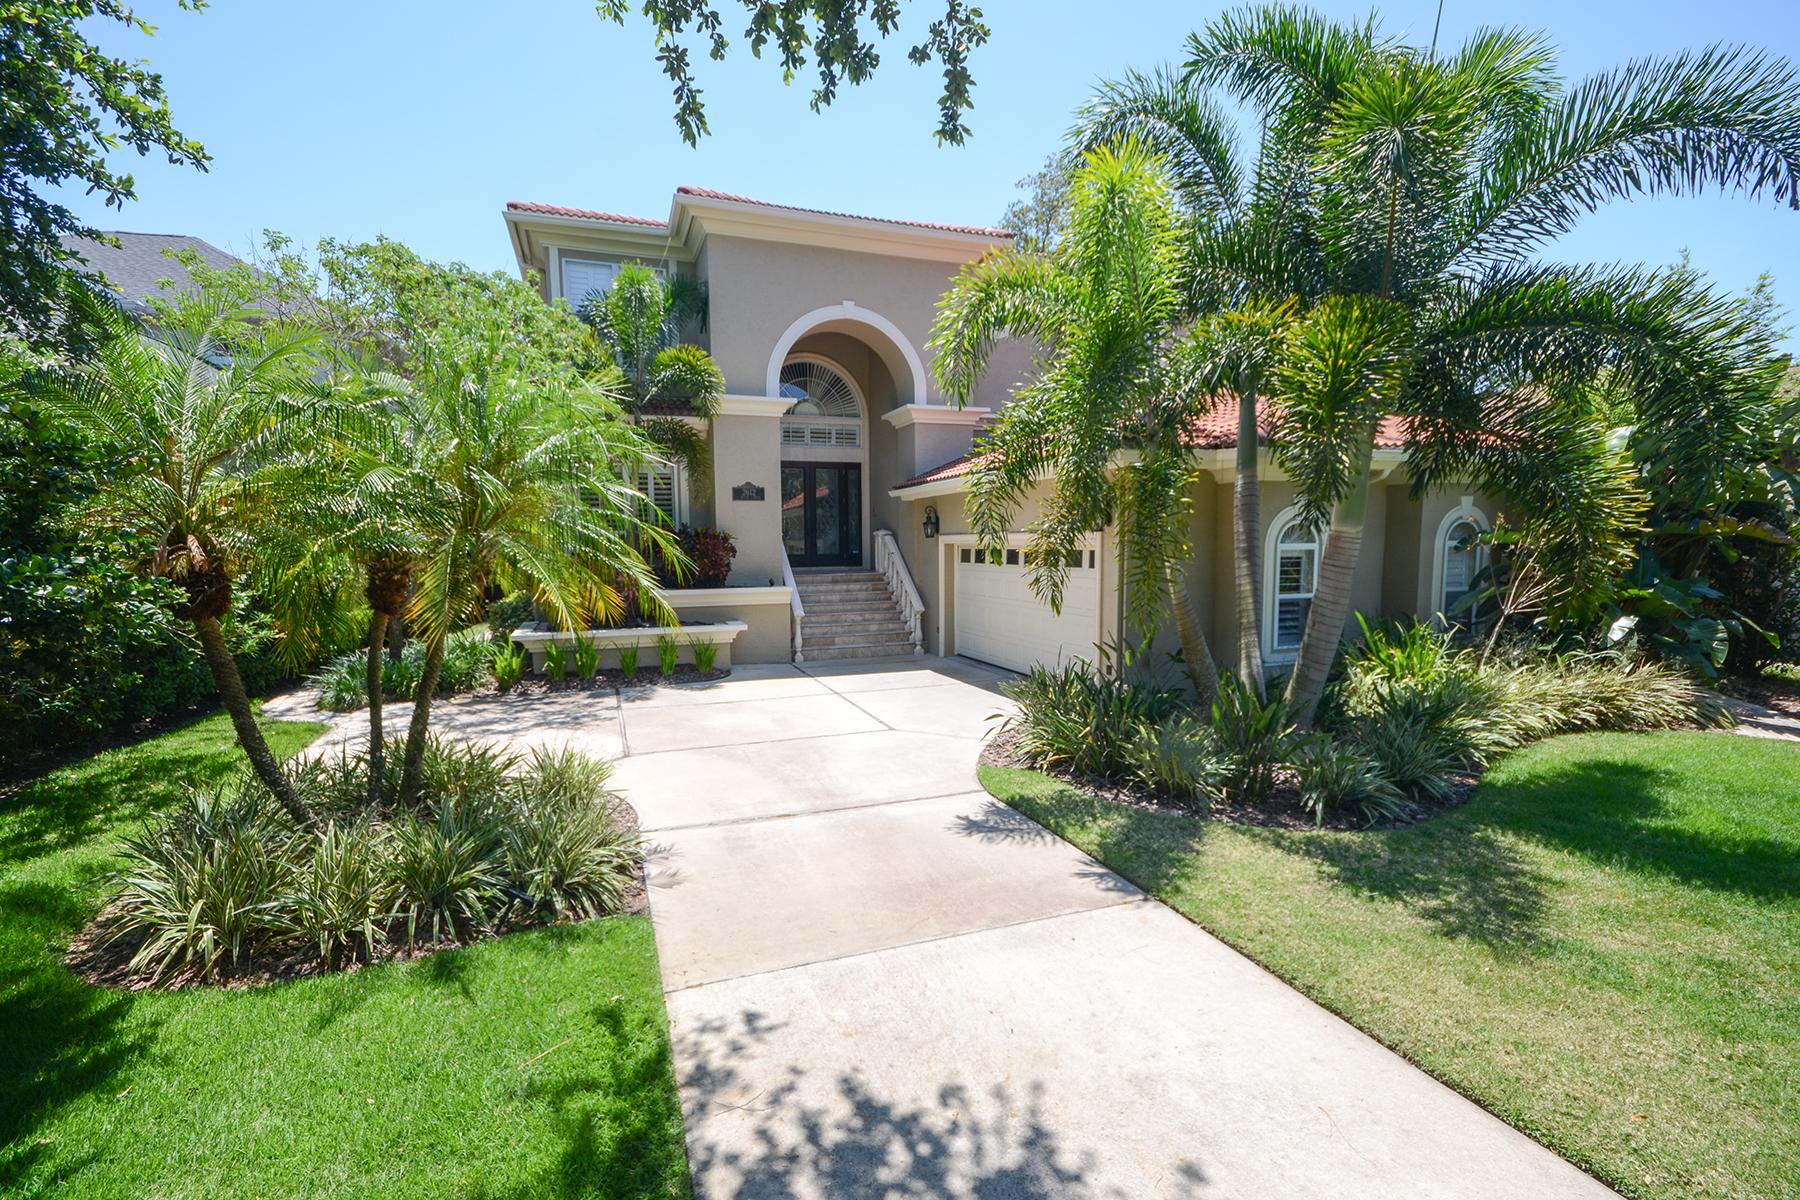 단독 가정 주택 용 매매 에 SOUTH TAMPA 2612 S Bryant Cir Tampa, 플로리다, 33629 미국